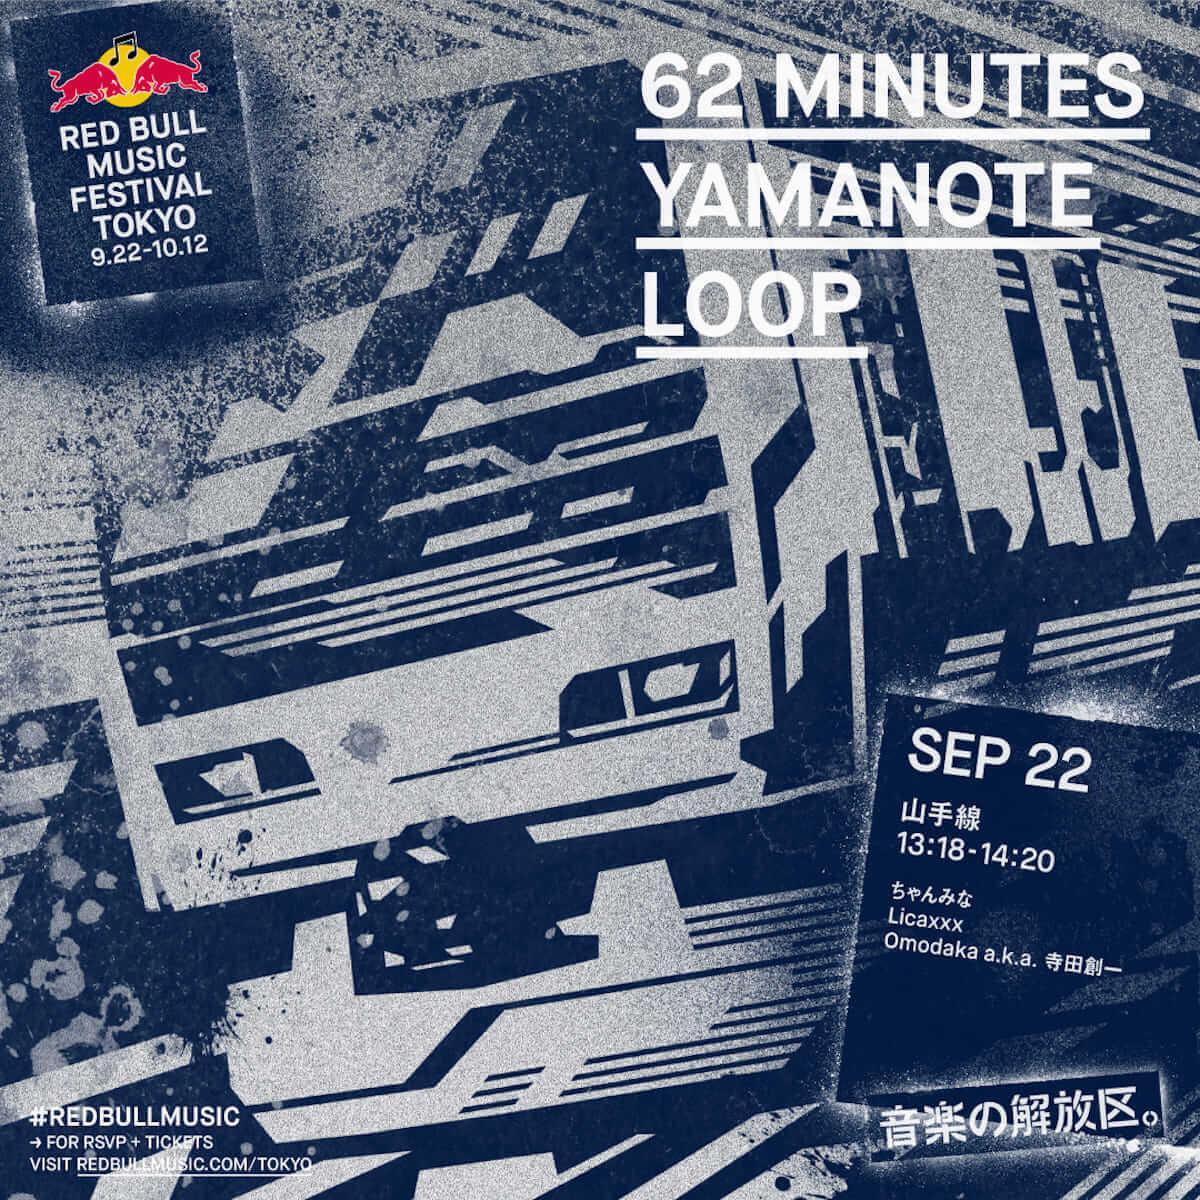 9月から1ヶ月に渡り「RED BULL MUSIC FESTIVAL TOKYO 2018」が開催|山手線の車内が走るライブハウスに? music180806-redbullmusicfestival-11-1200x1200